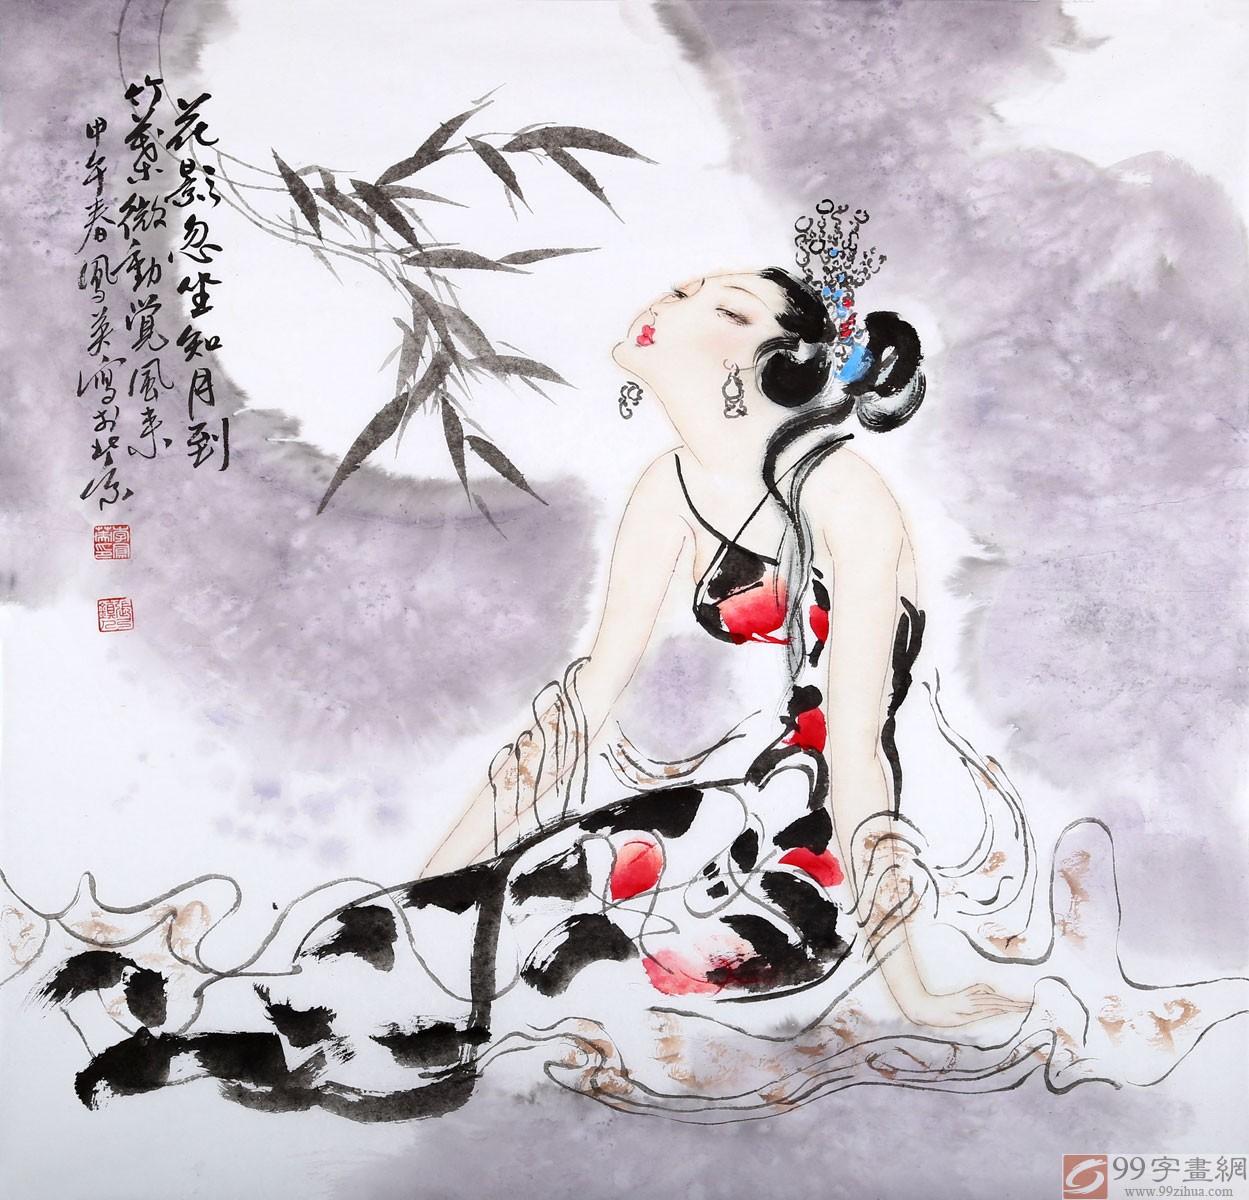 李凤英古代国画美女图 - 仕女图 - 99字画网